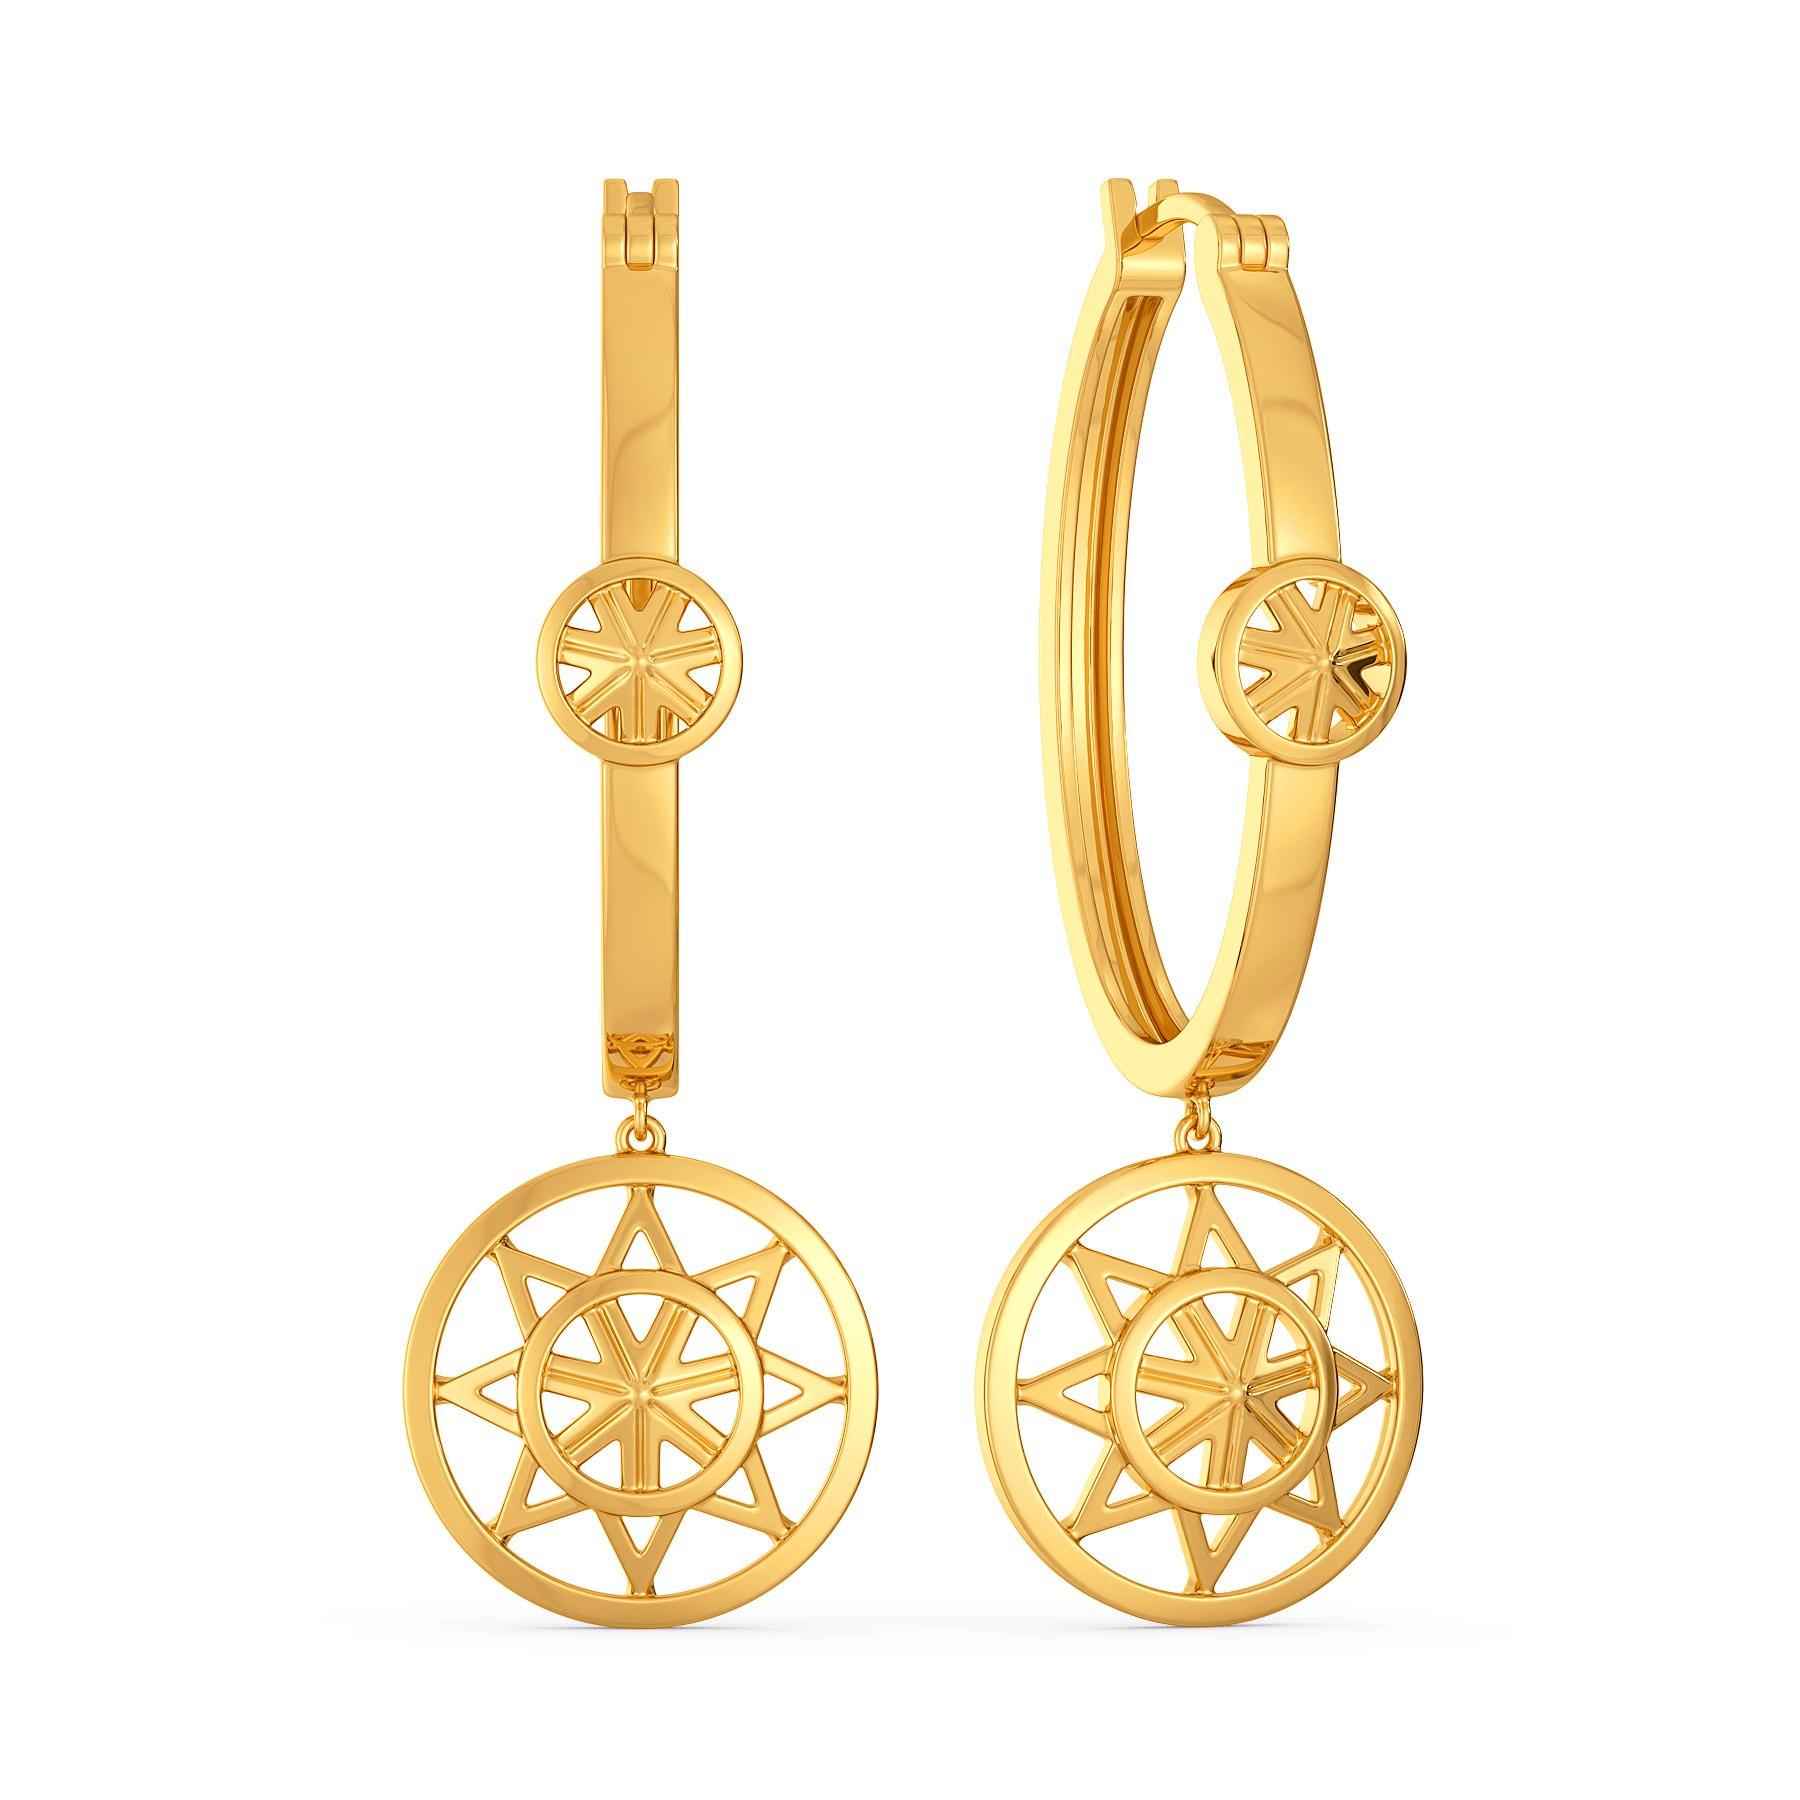 Serene Drapes Gold Earrings